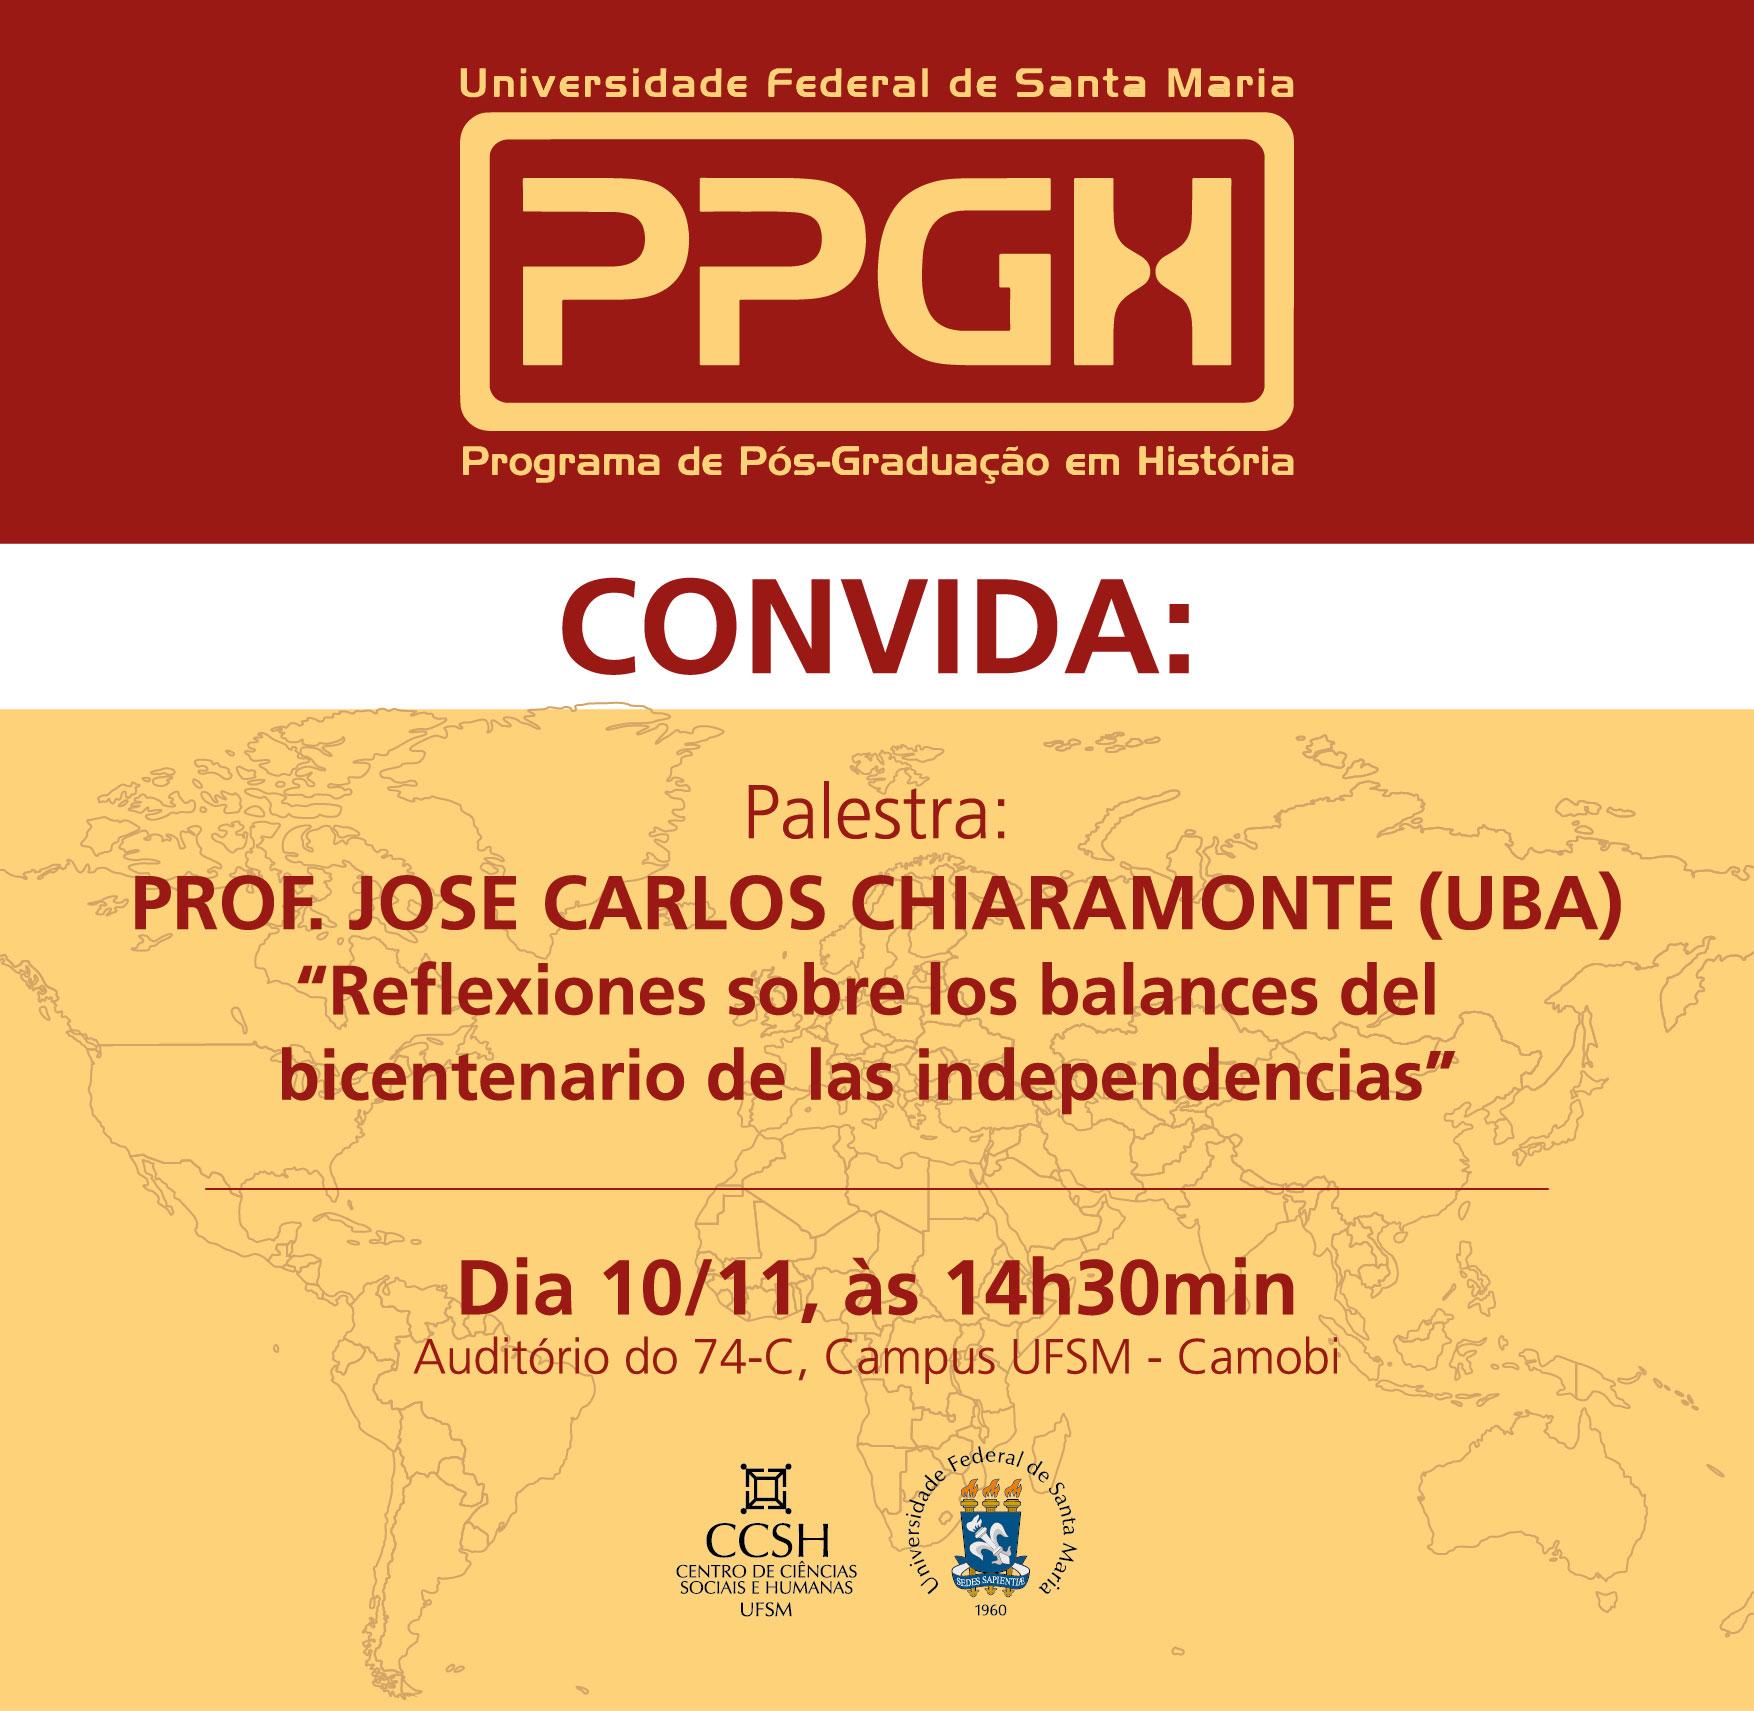 PPGH CONVIDA palestra Chiaramonte-01 4